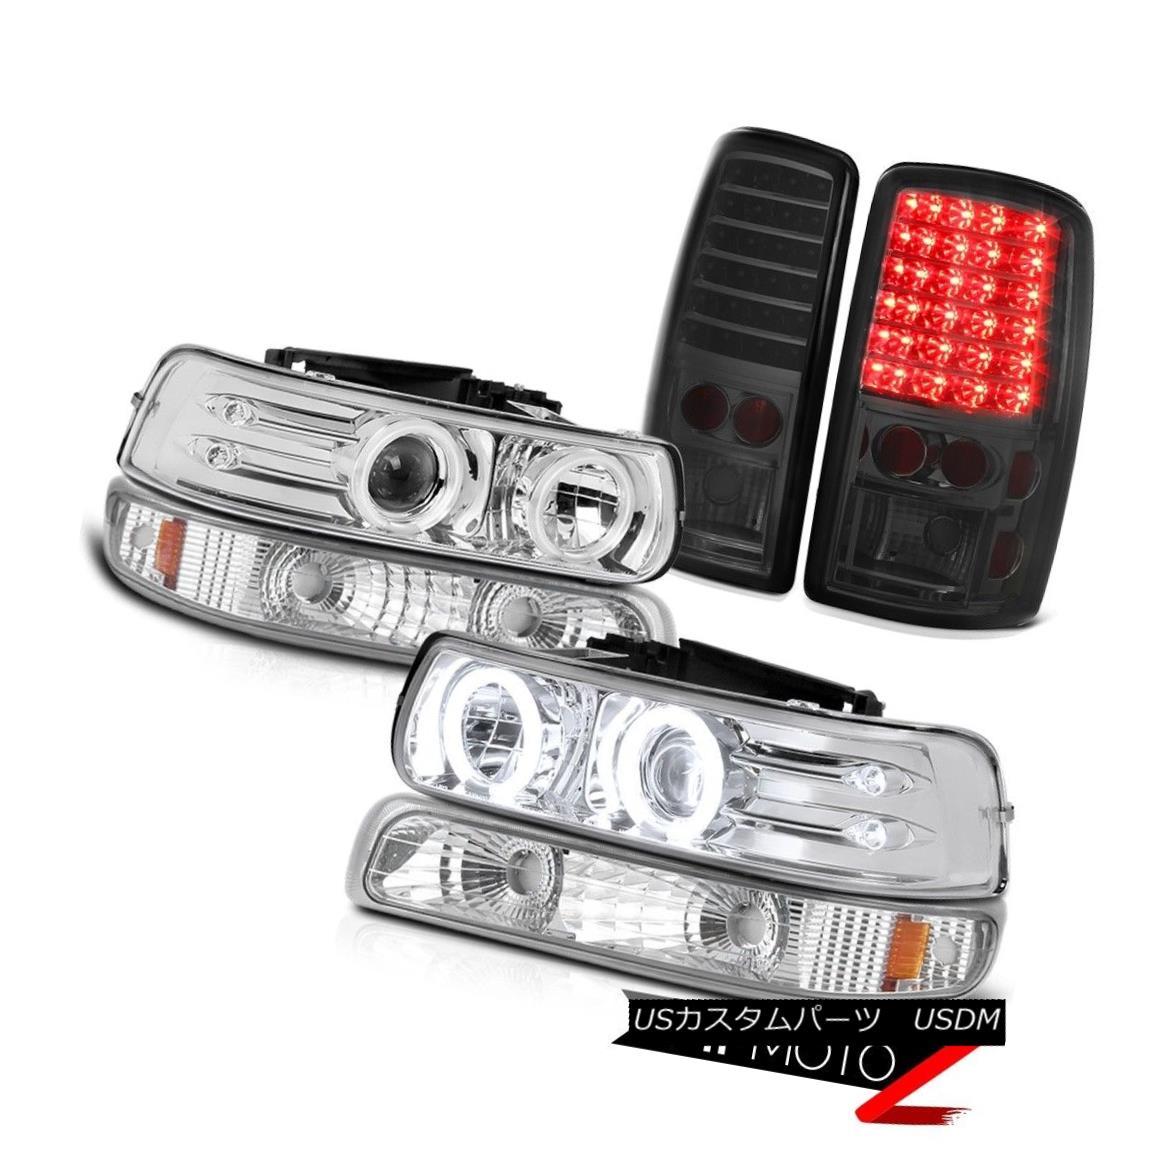 テールライト 2000-2006 Suburban 1500 Halo CCFL Headlamps Euro Parking Smoke LED Taillights 2000-2006郊外1500ヘリウムCCFLヘッドランプユーロパーキングスモークLEDテールライト